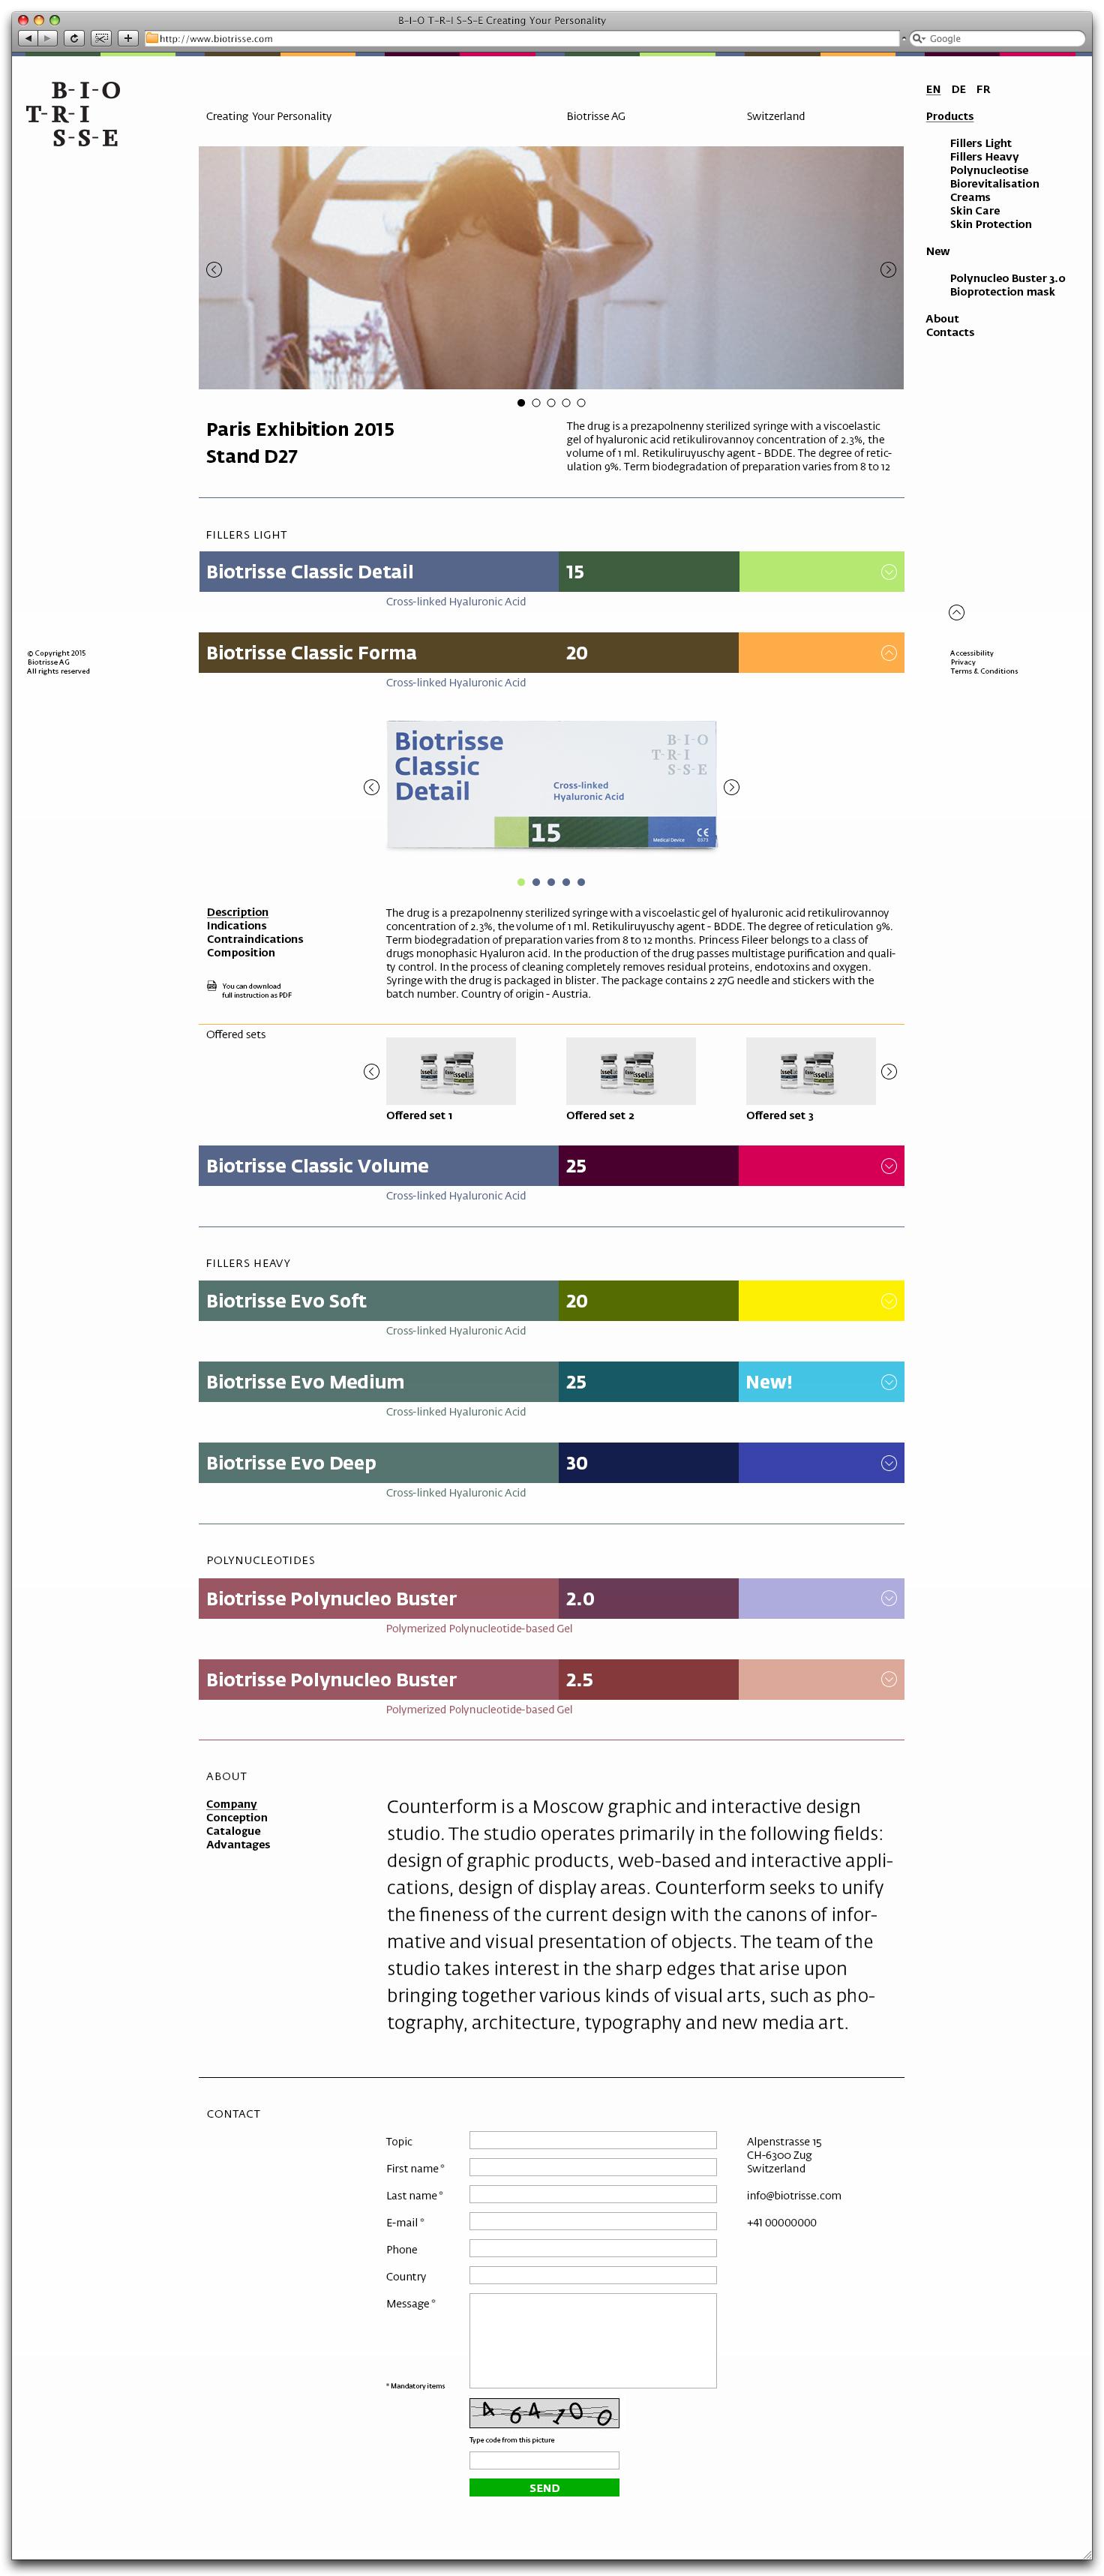 B-I-O T-R-I S-S-E Creating Your Personality (сайт для фармацевтической компании, Швейцария)